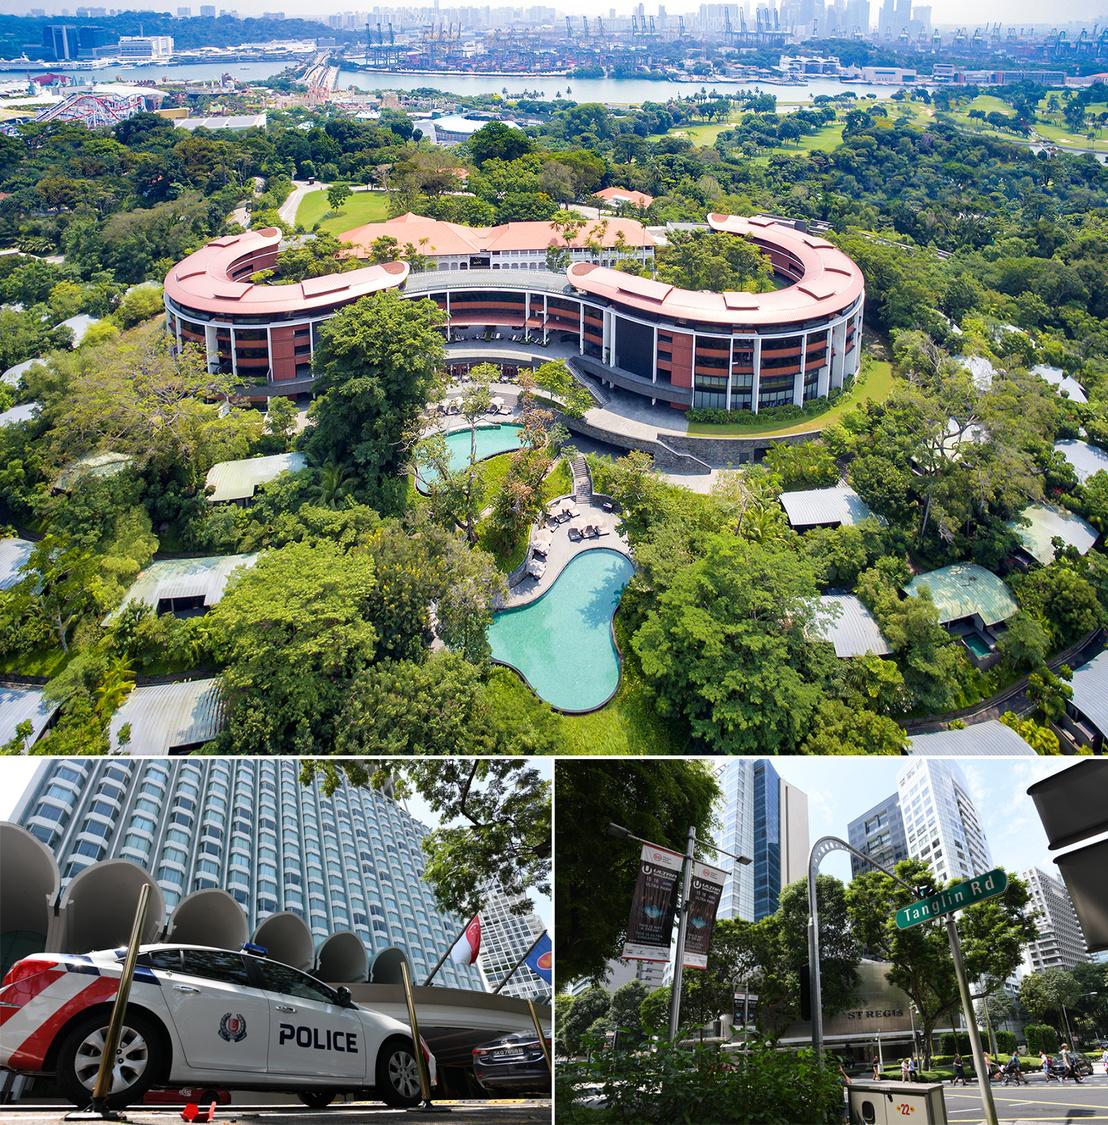 A Capella Hotel Sentosa szigetén, alatta balra a Shangri-La Hotel, ahol Donald Trump amerikai elnök száll majd meg, jobbra a St Regis Singapore Hotel, ami Kim Dzsongun és kíséretének szállása lesz